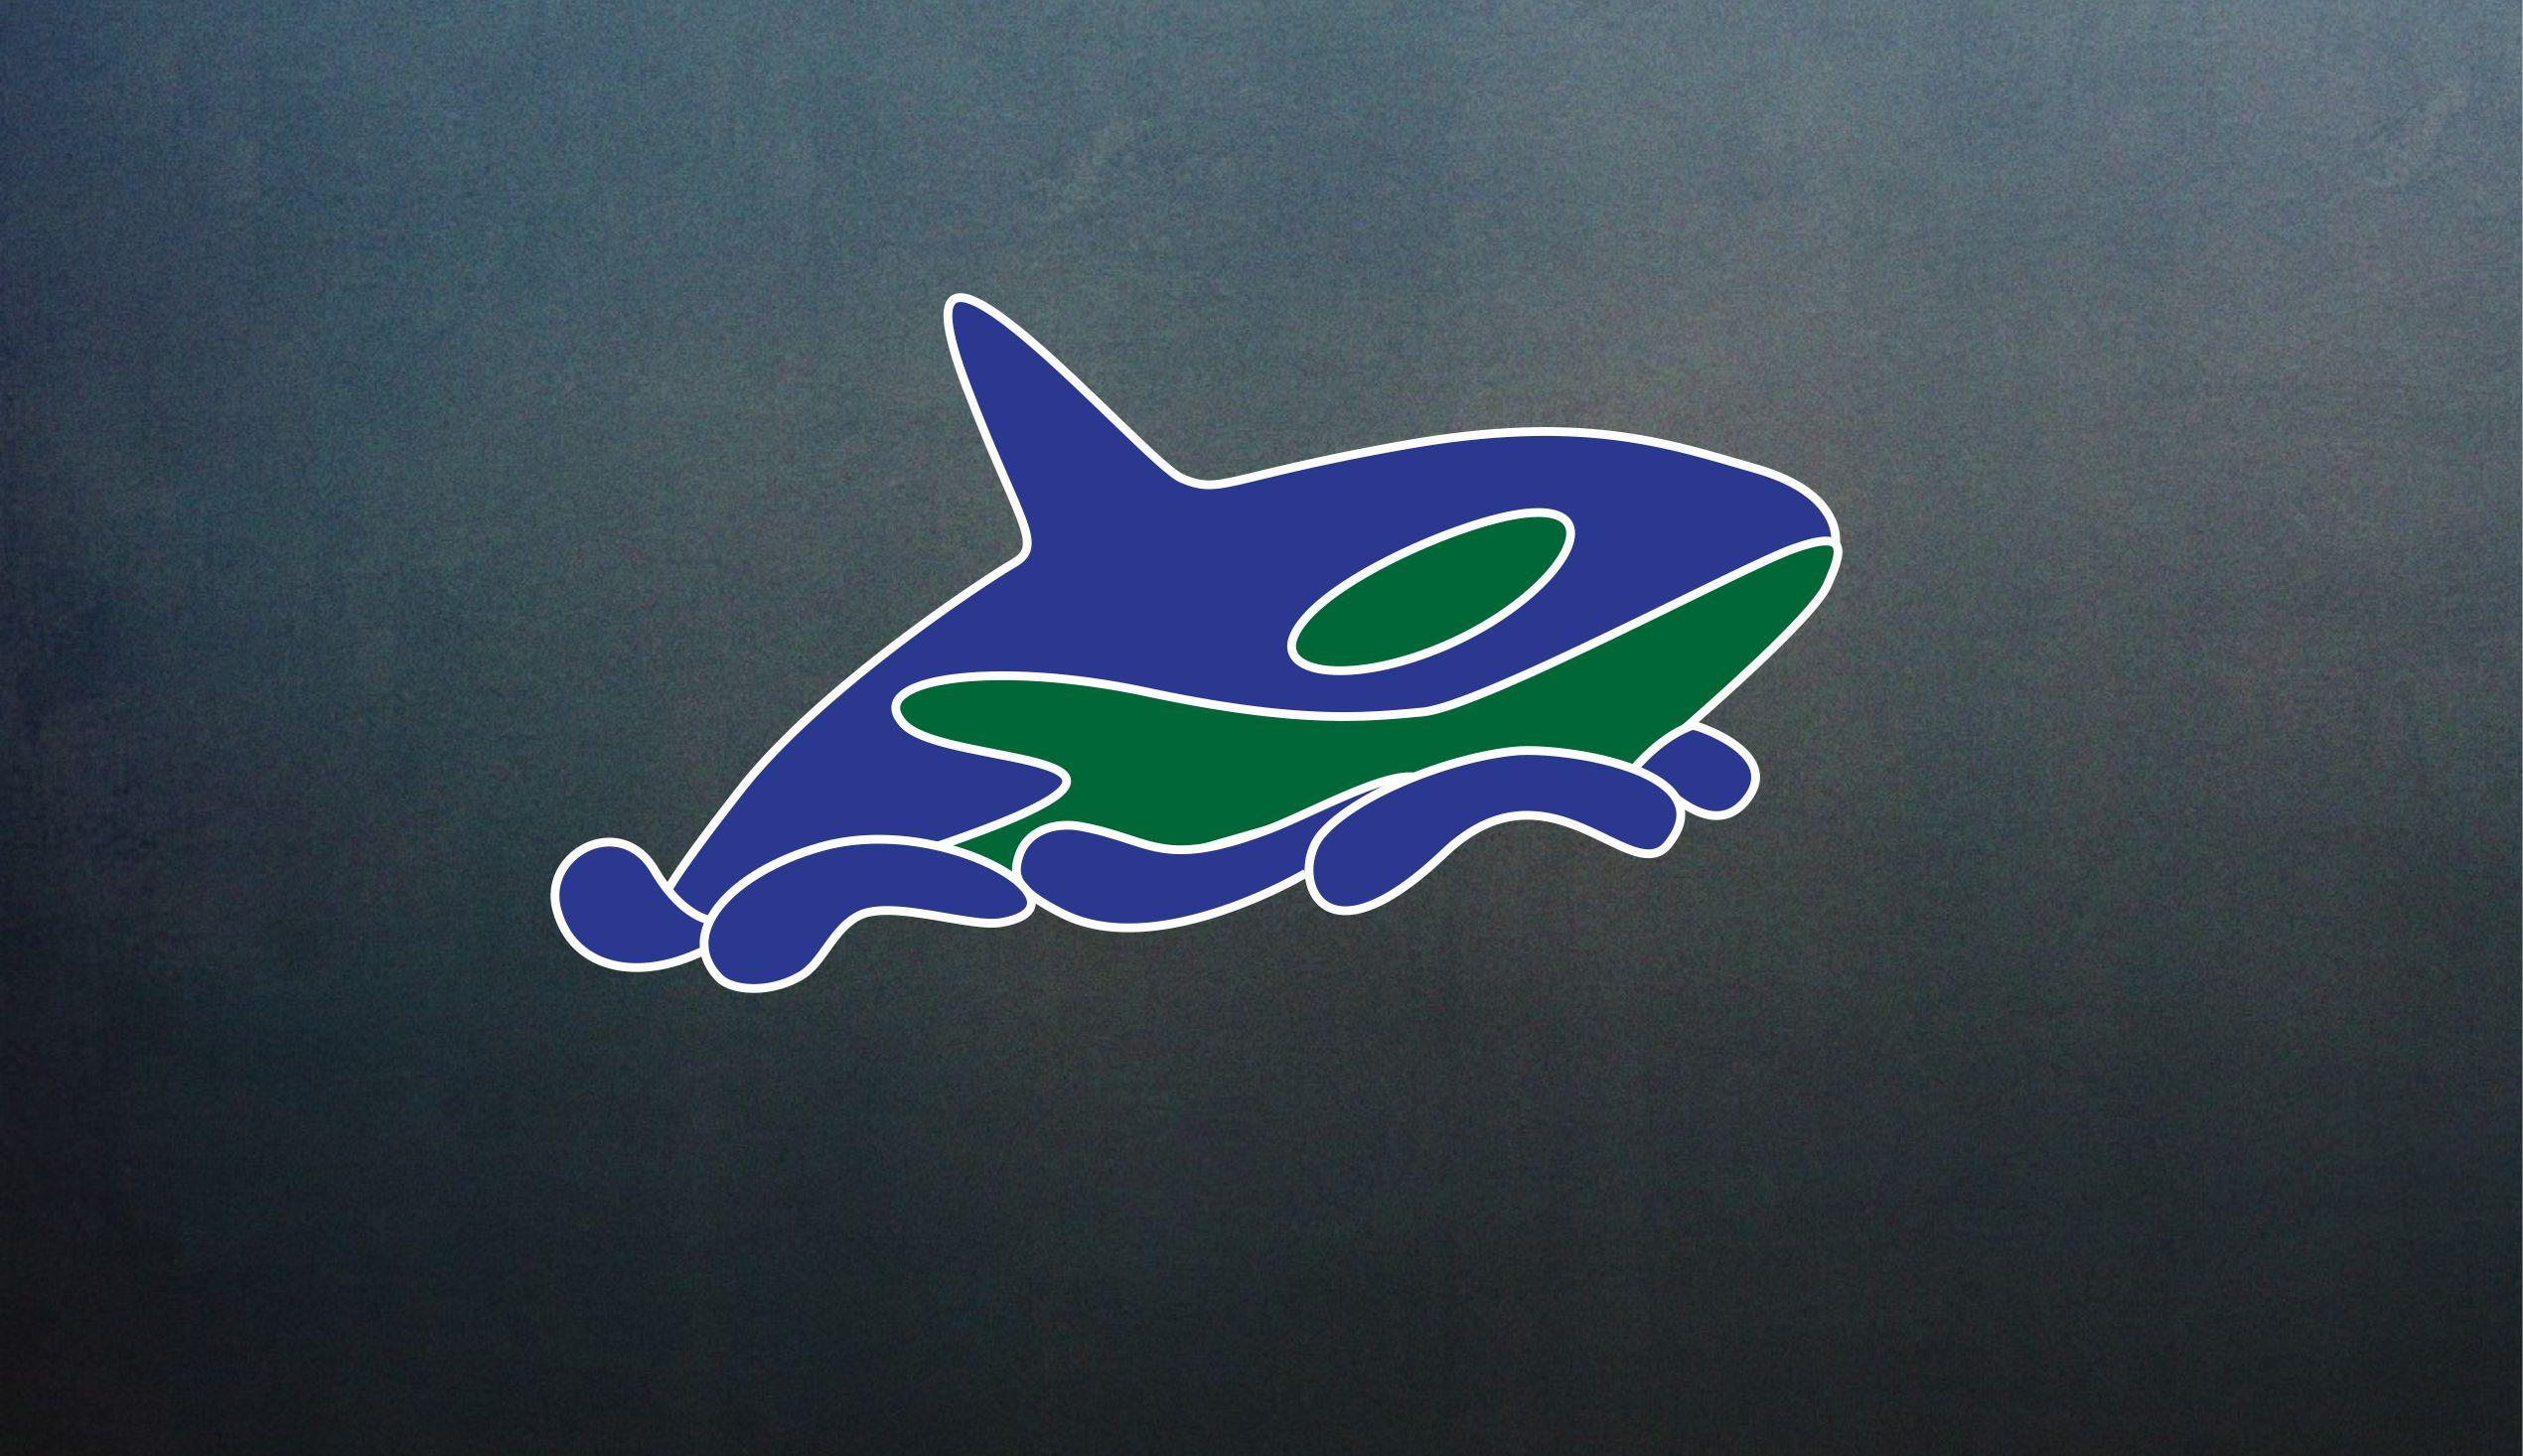 Разработка фирменного символа компании - касатки, НЕ ЛОГОТИП фото f_0455b0079cd844c5.jpg